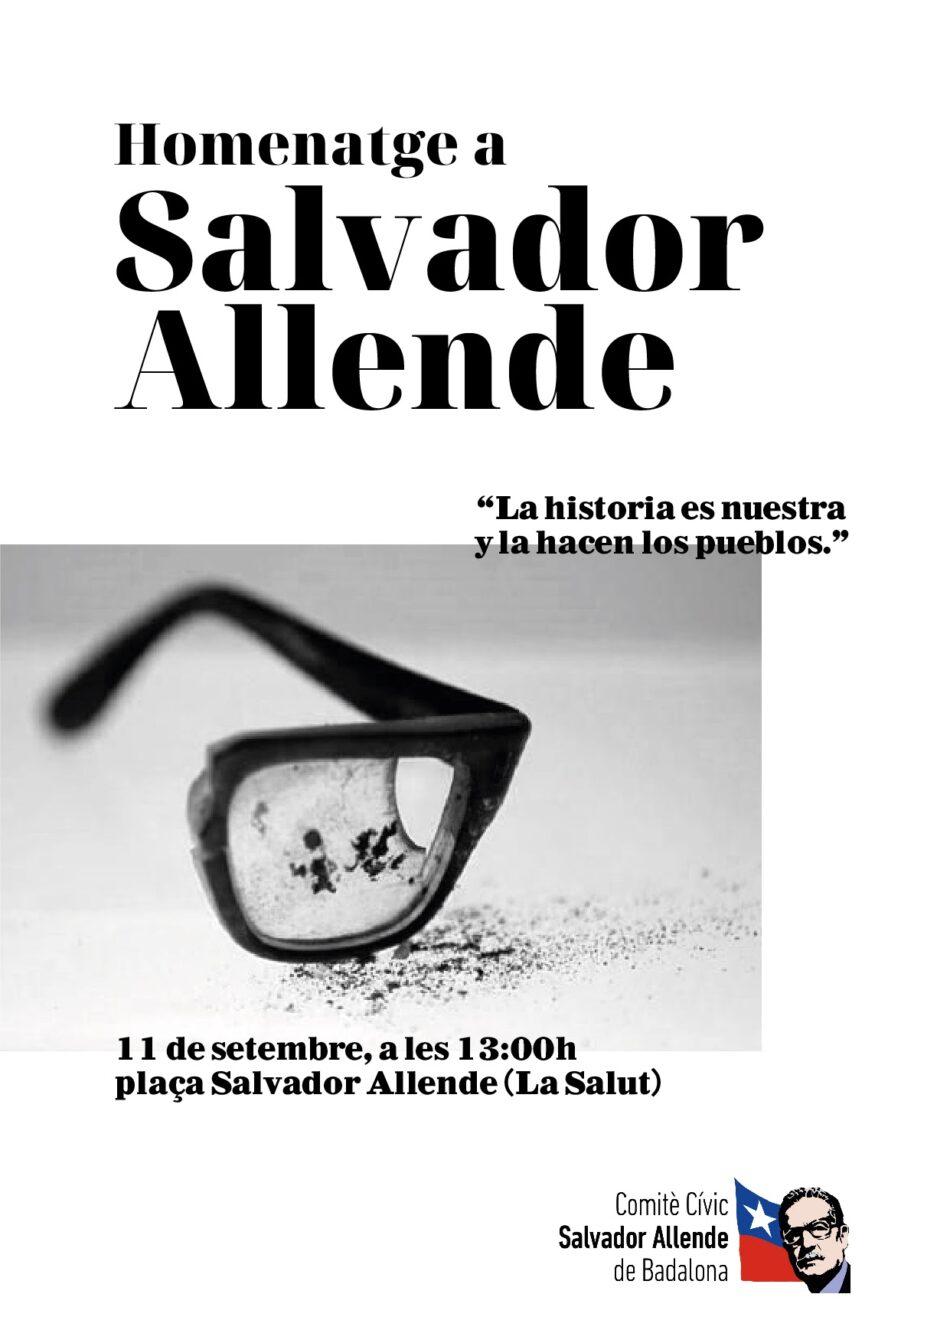 Homenatge a Salvador Allende a Badalona